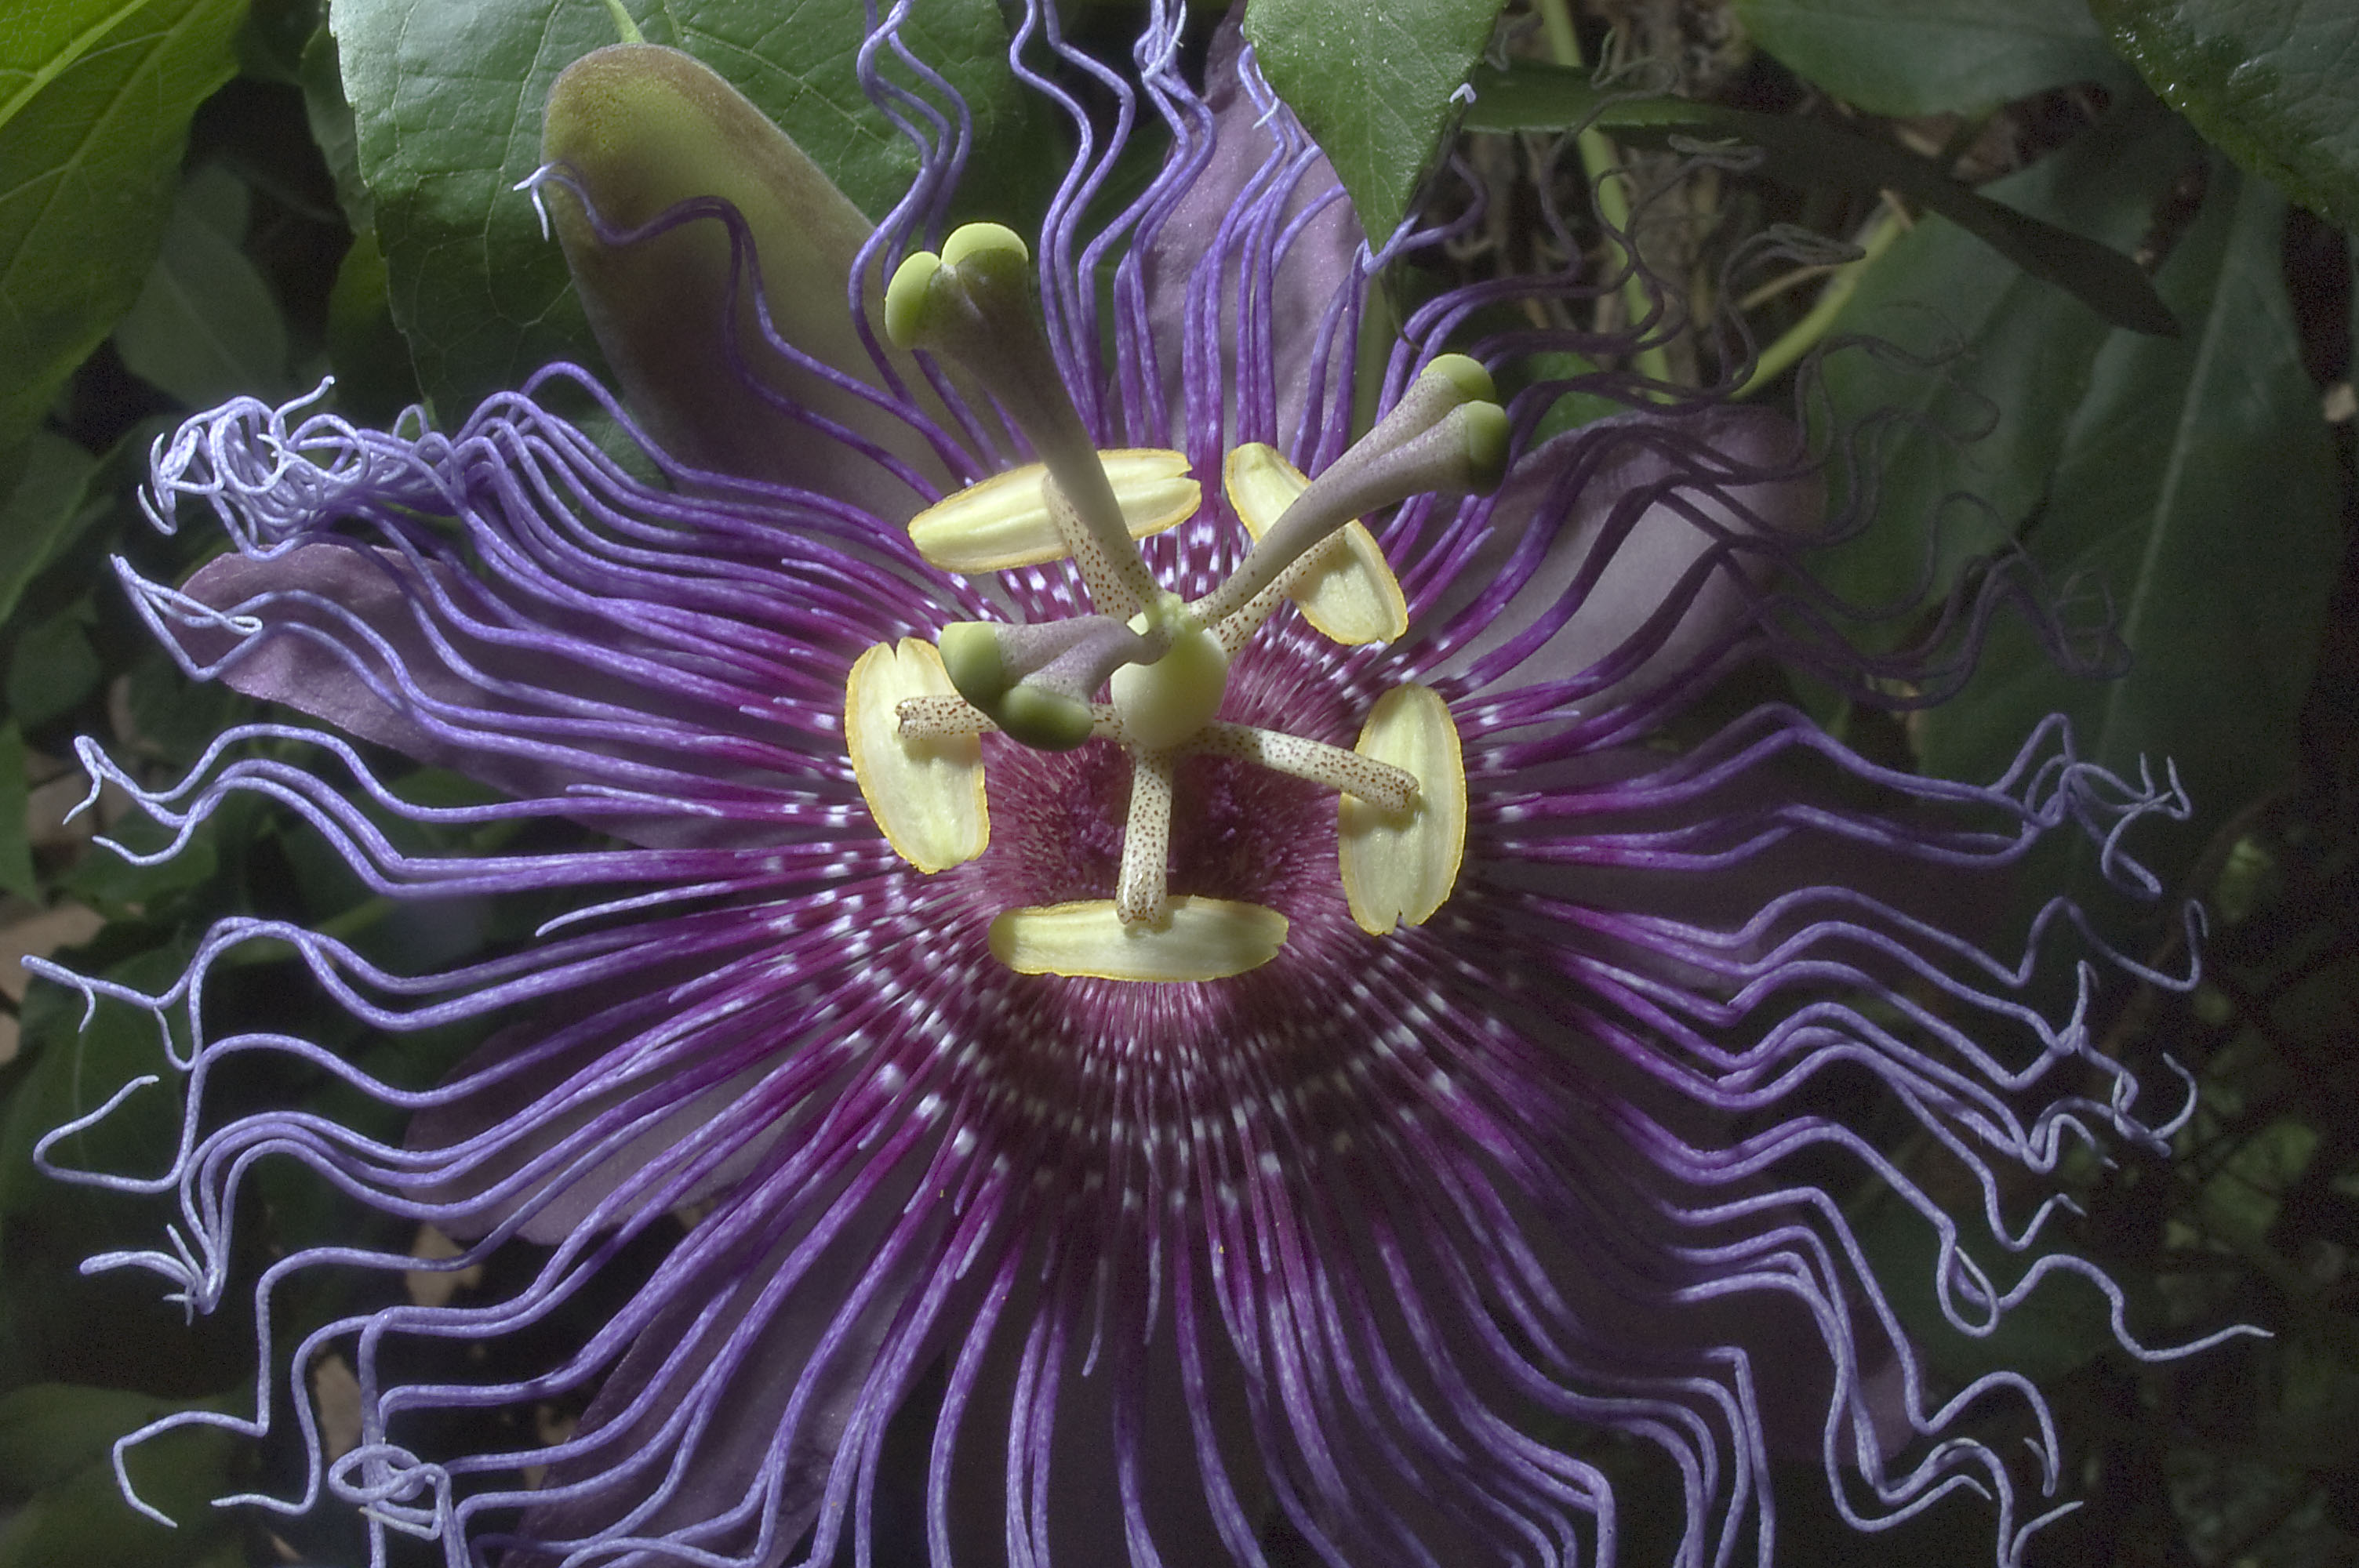 792 26 Purple passion flower passiflora in Antique Rose Emporium In